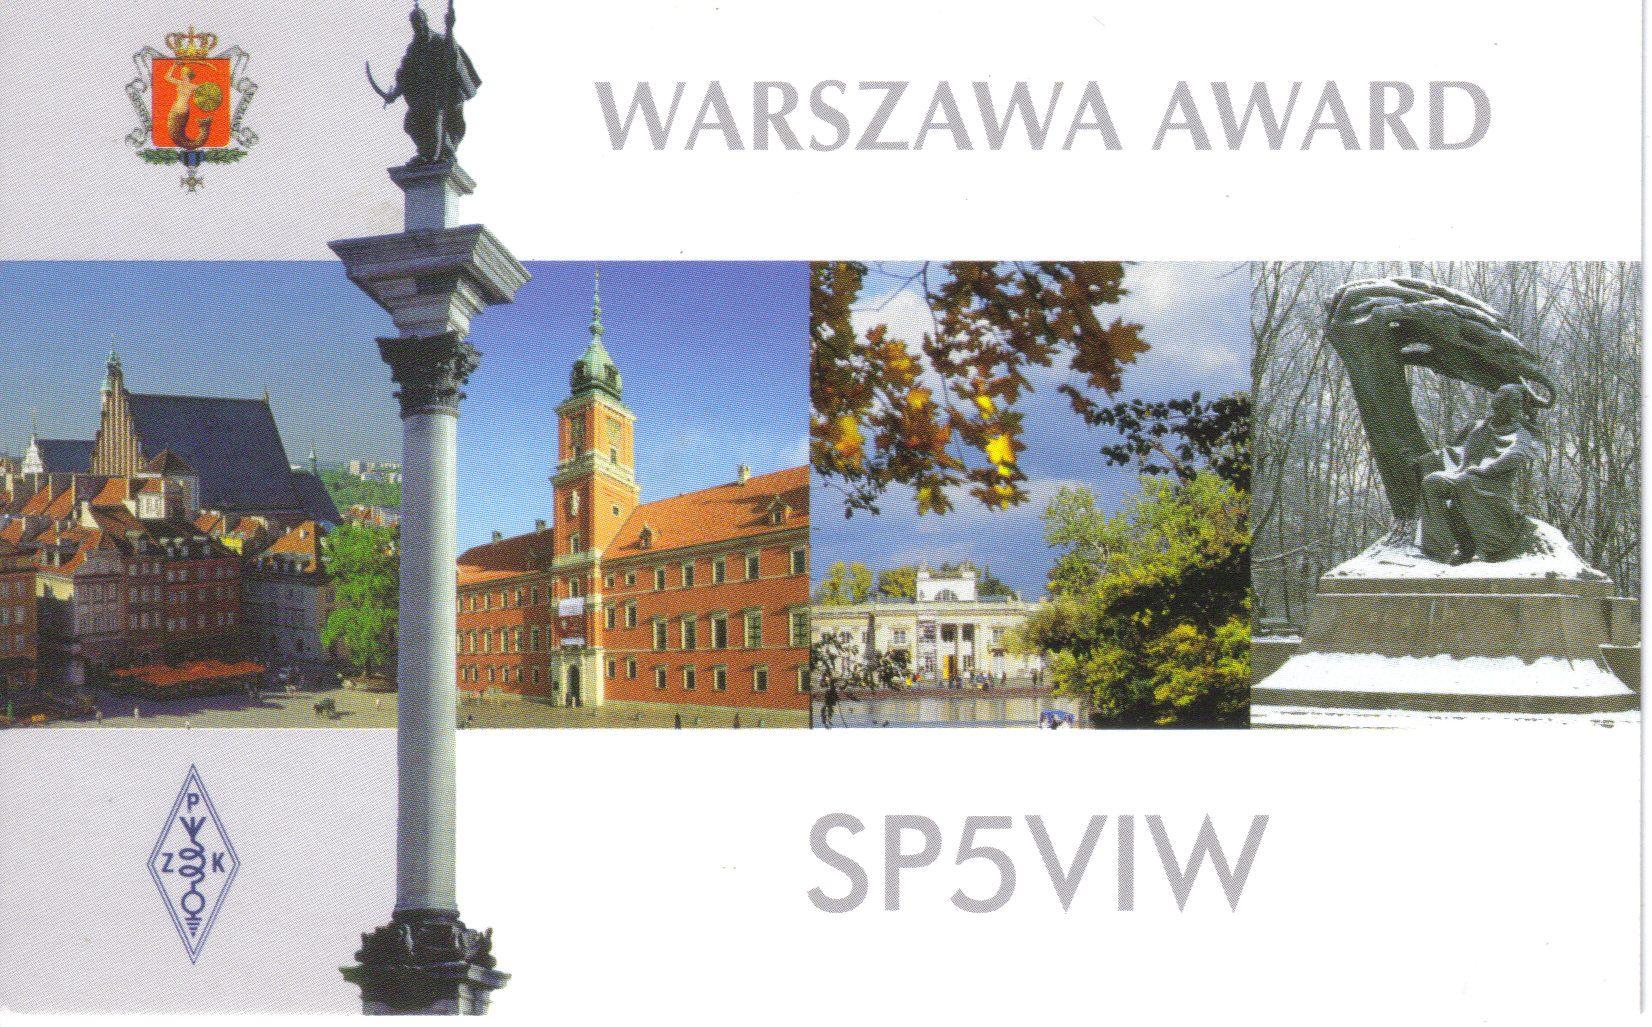 20101221-SP5VIW